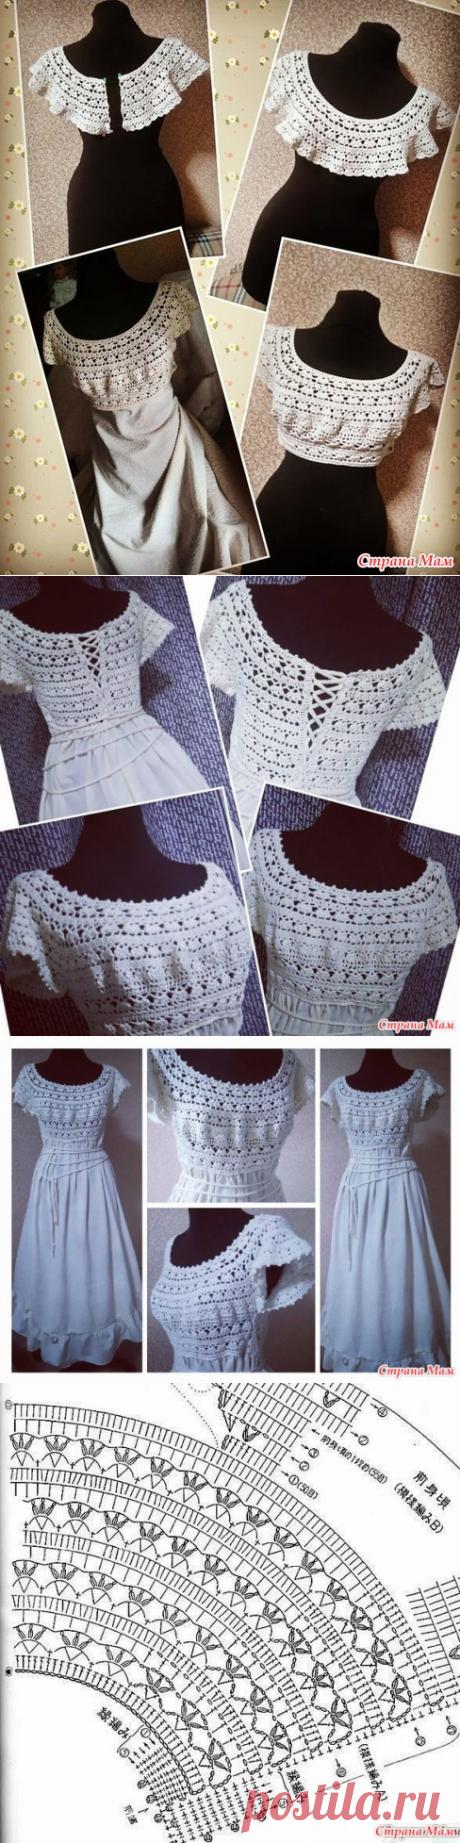 Платье - сарафан, выполнено в комбинированном стиле ткань +крючок из хлопка и льна. - ВЯЗАНАЯ МОДА+ ДЛЯ НЕМОДЕЛЬНЫХ ДАМ - Страна Мам